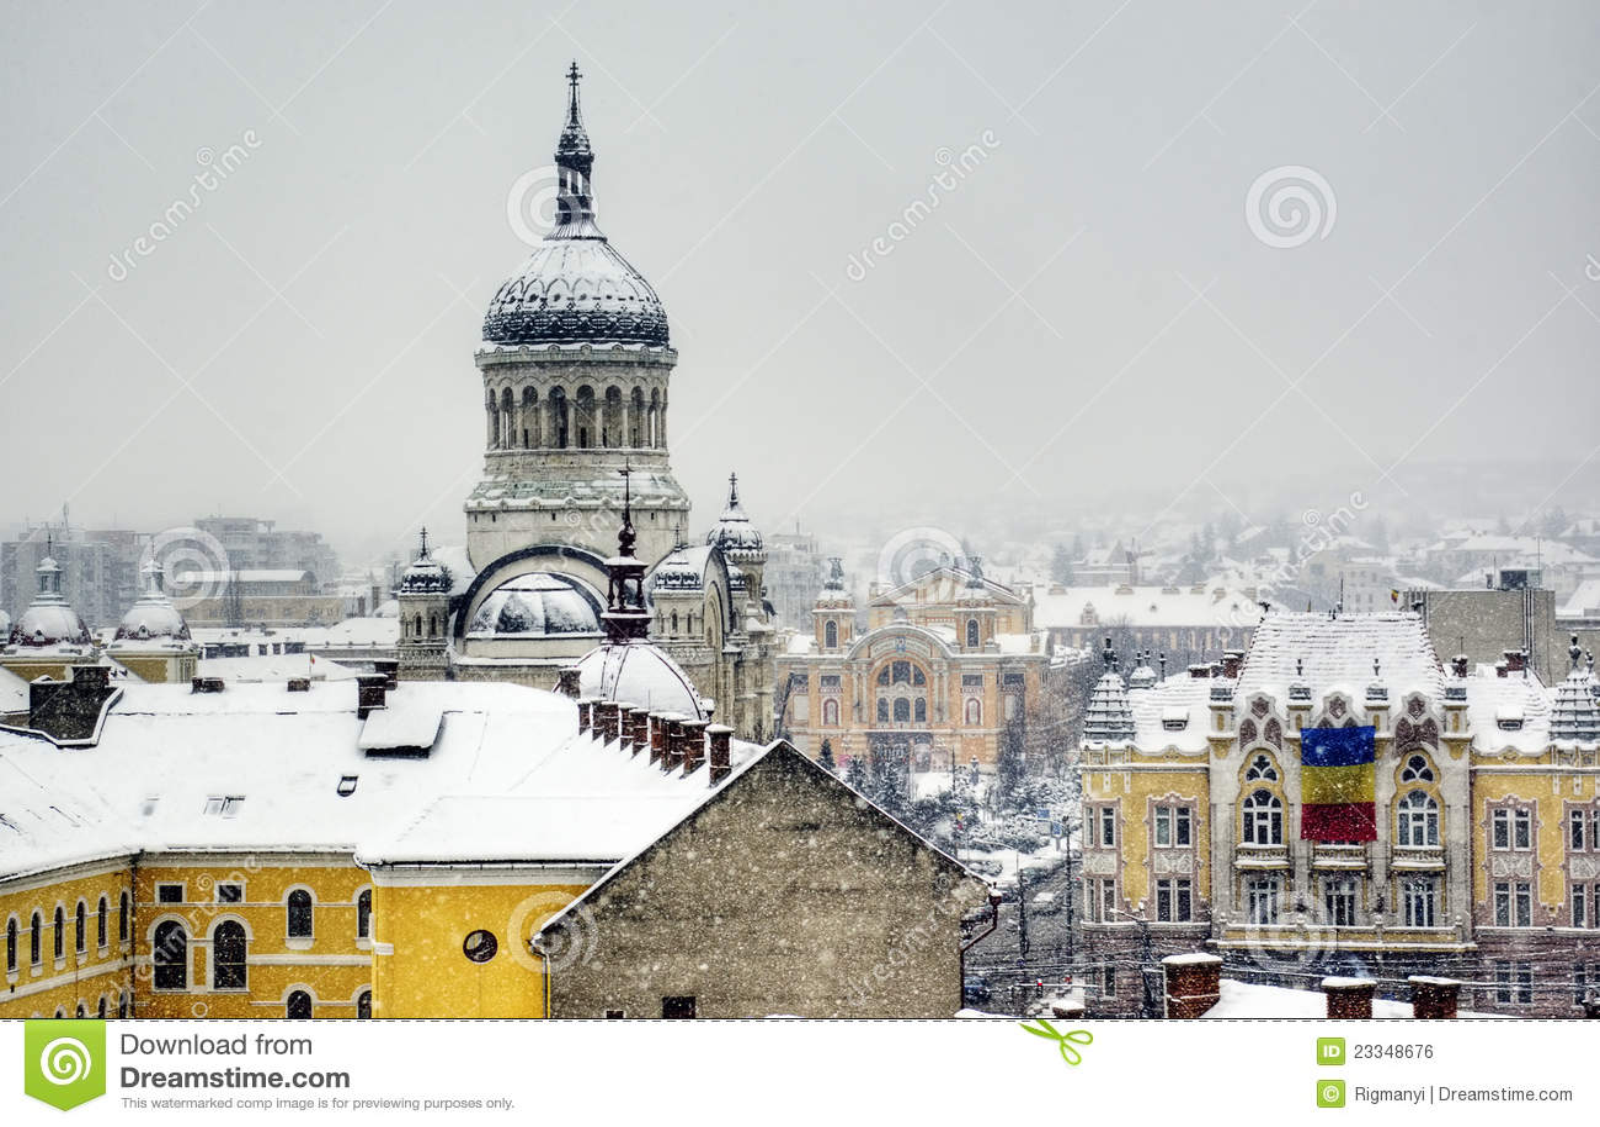 欧洲极端冬天图片